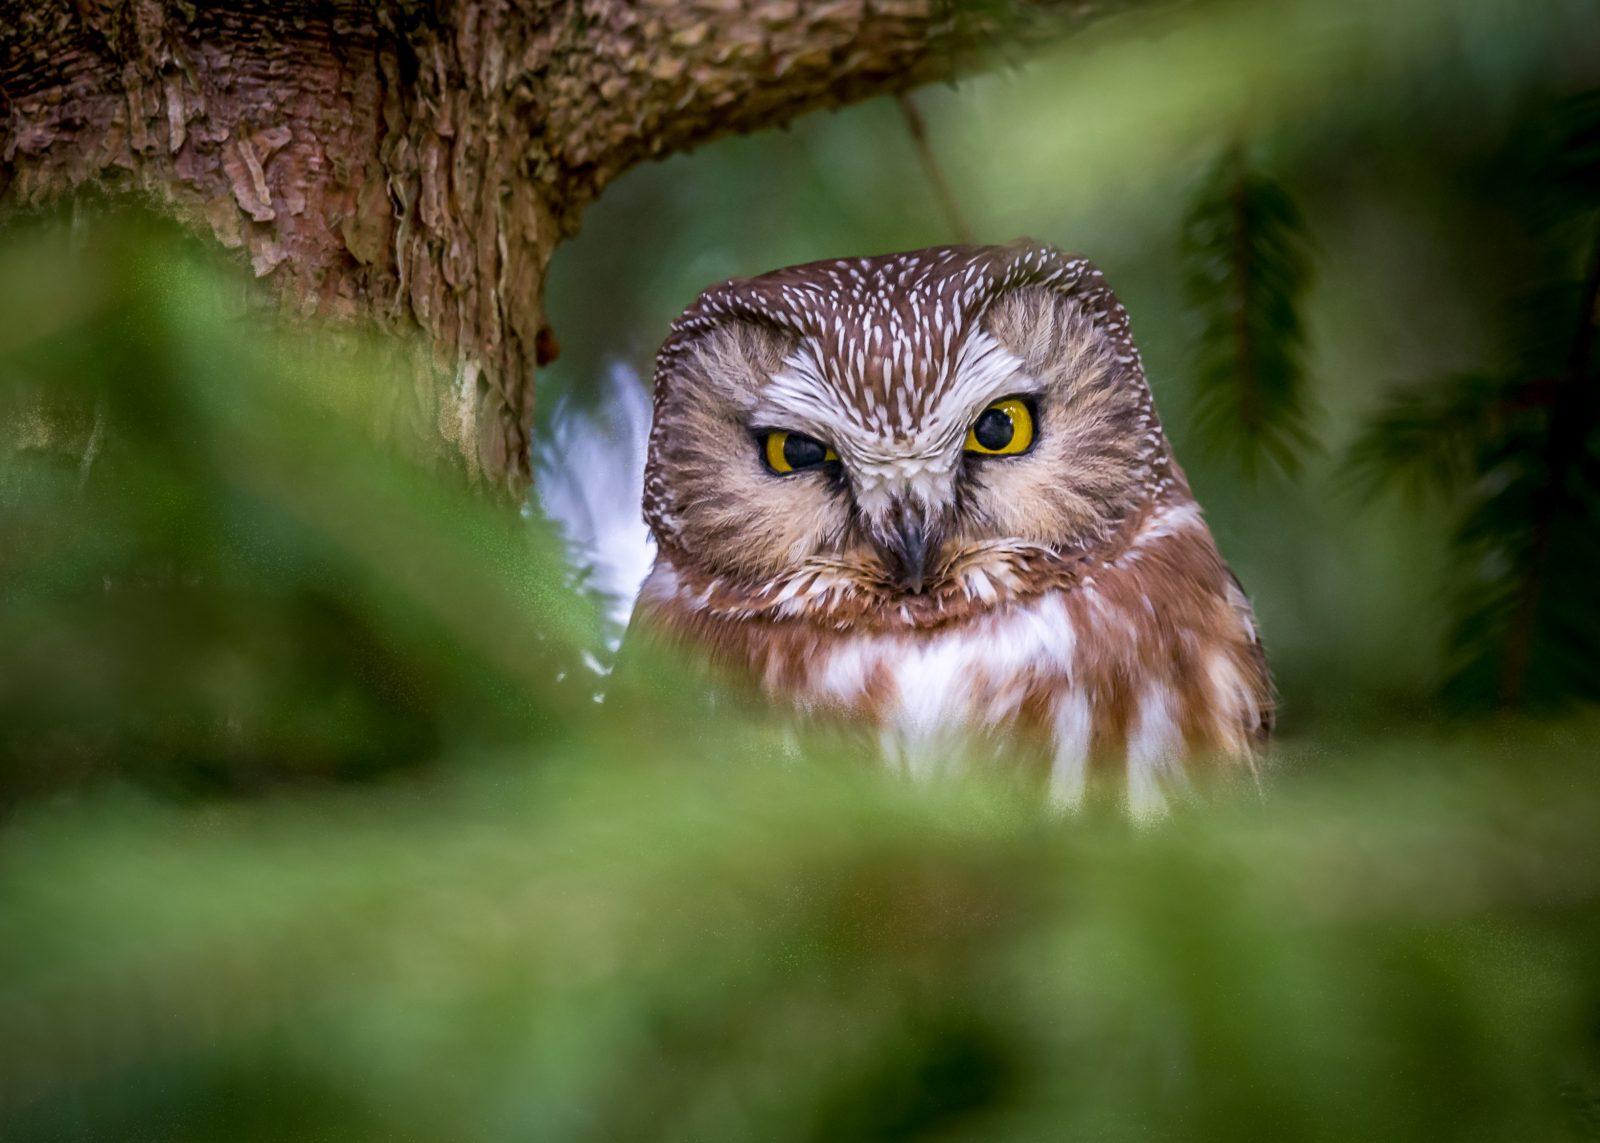 Grumpy Saw-whet Owl